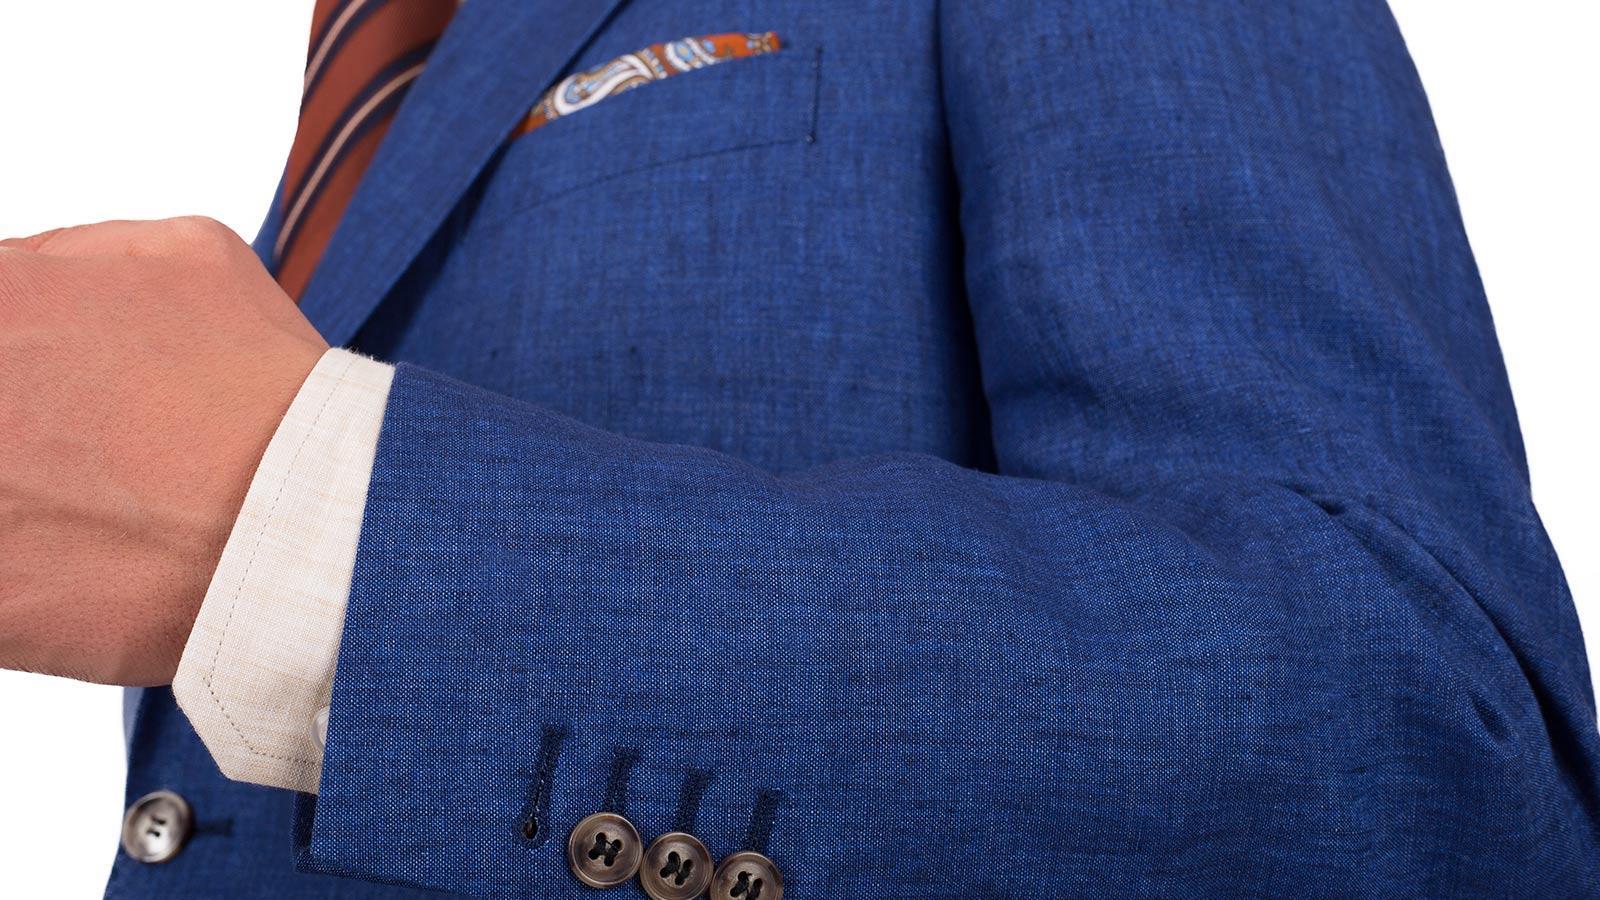 Suit in Intense Blue Linen  - slider image 1